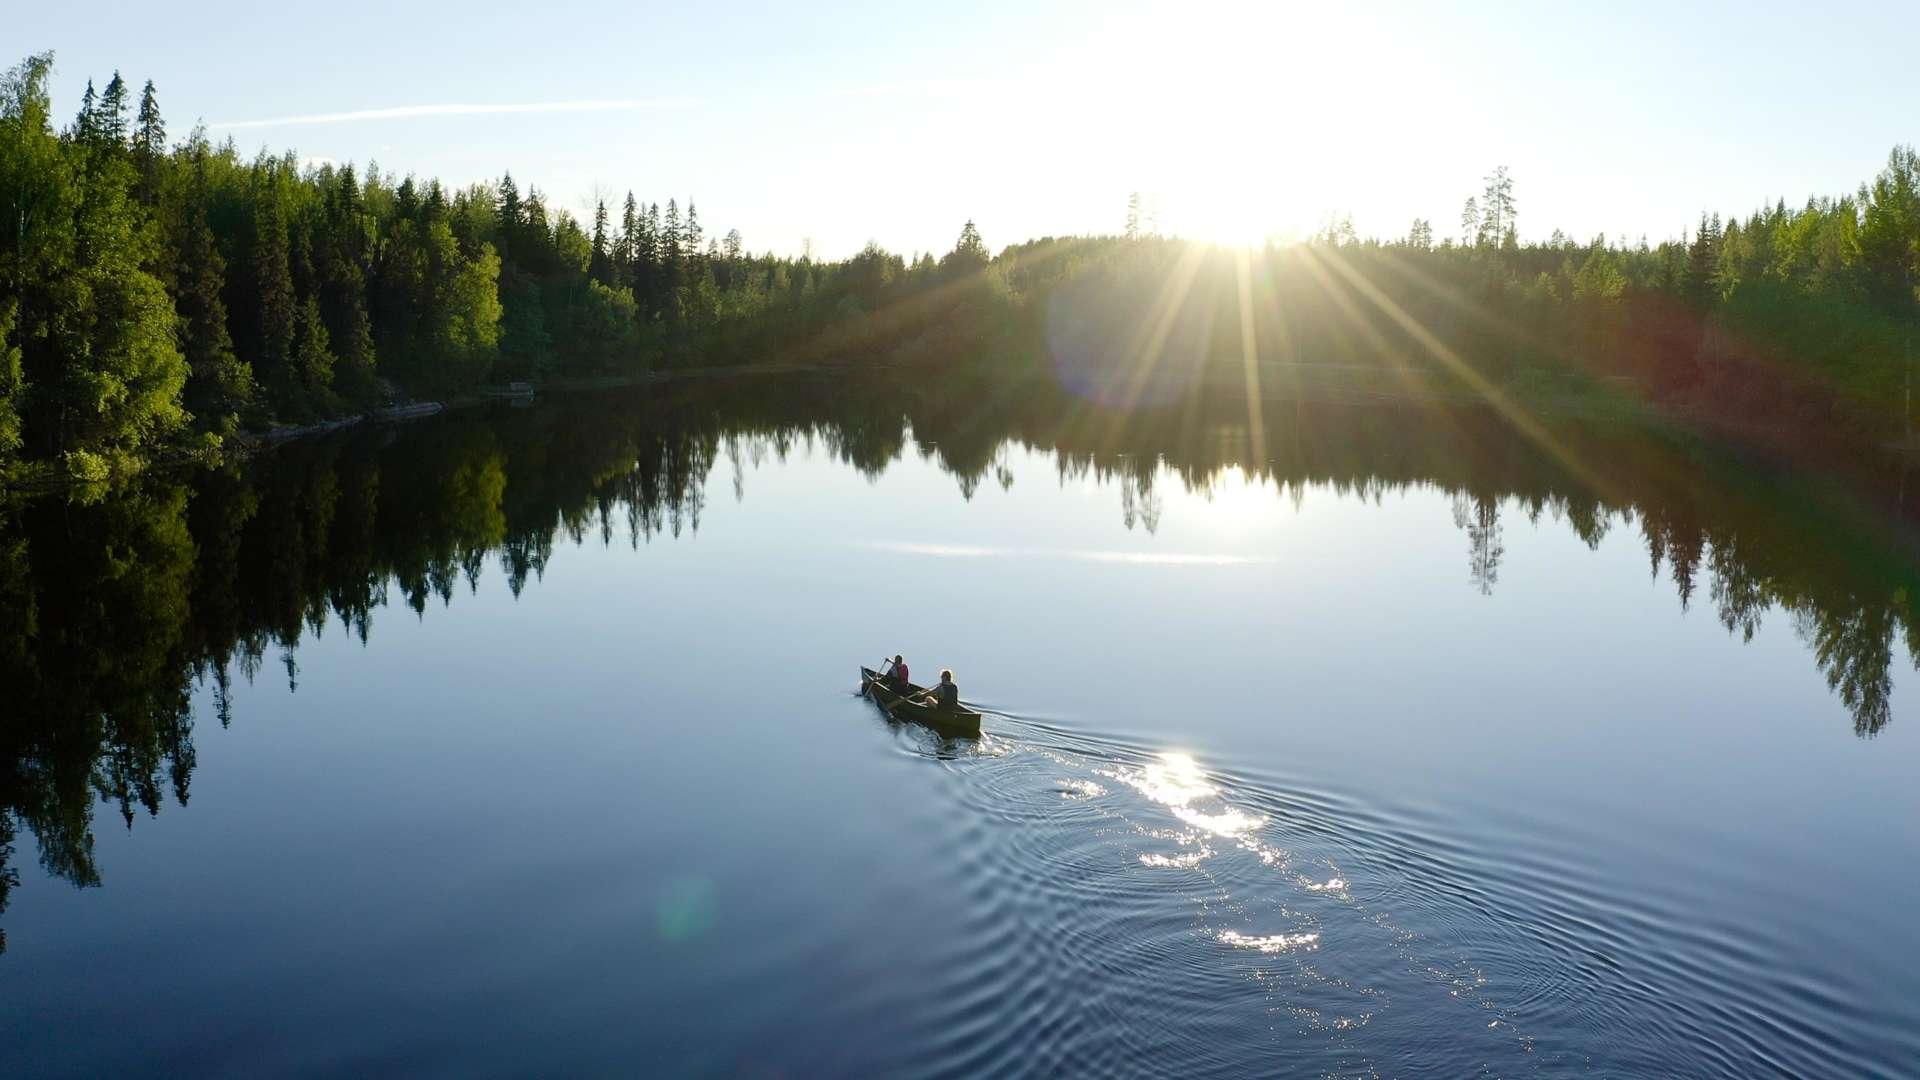 Kaksi ihmistä meloo tyynellä järvellä ilta-auringossa.